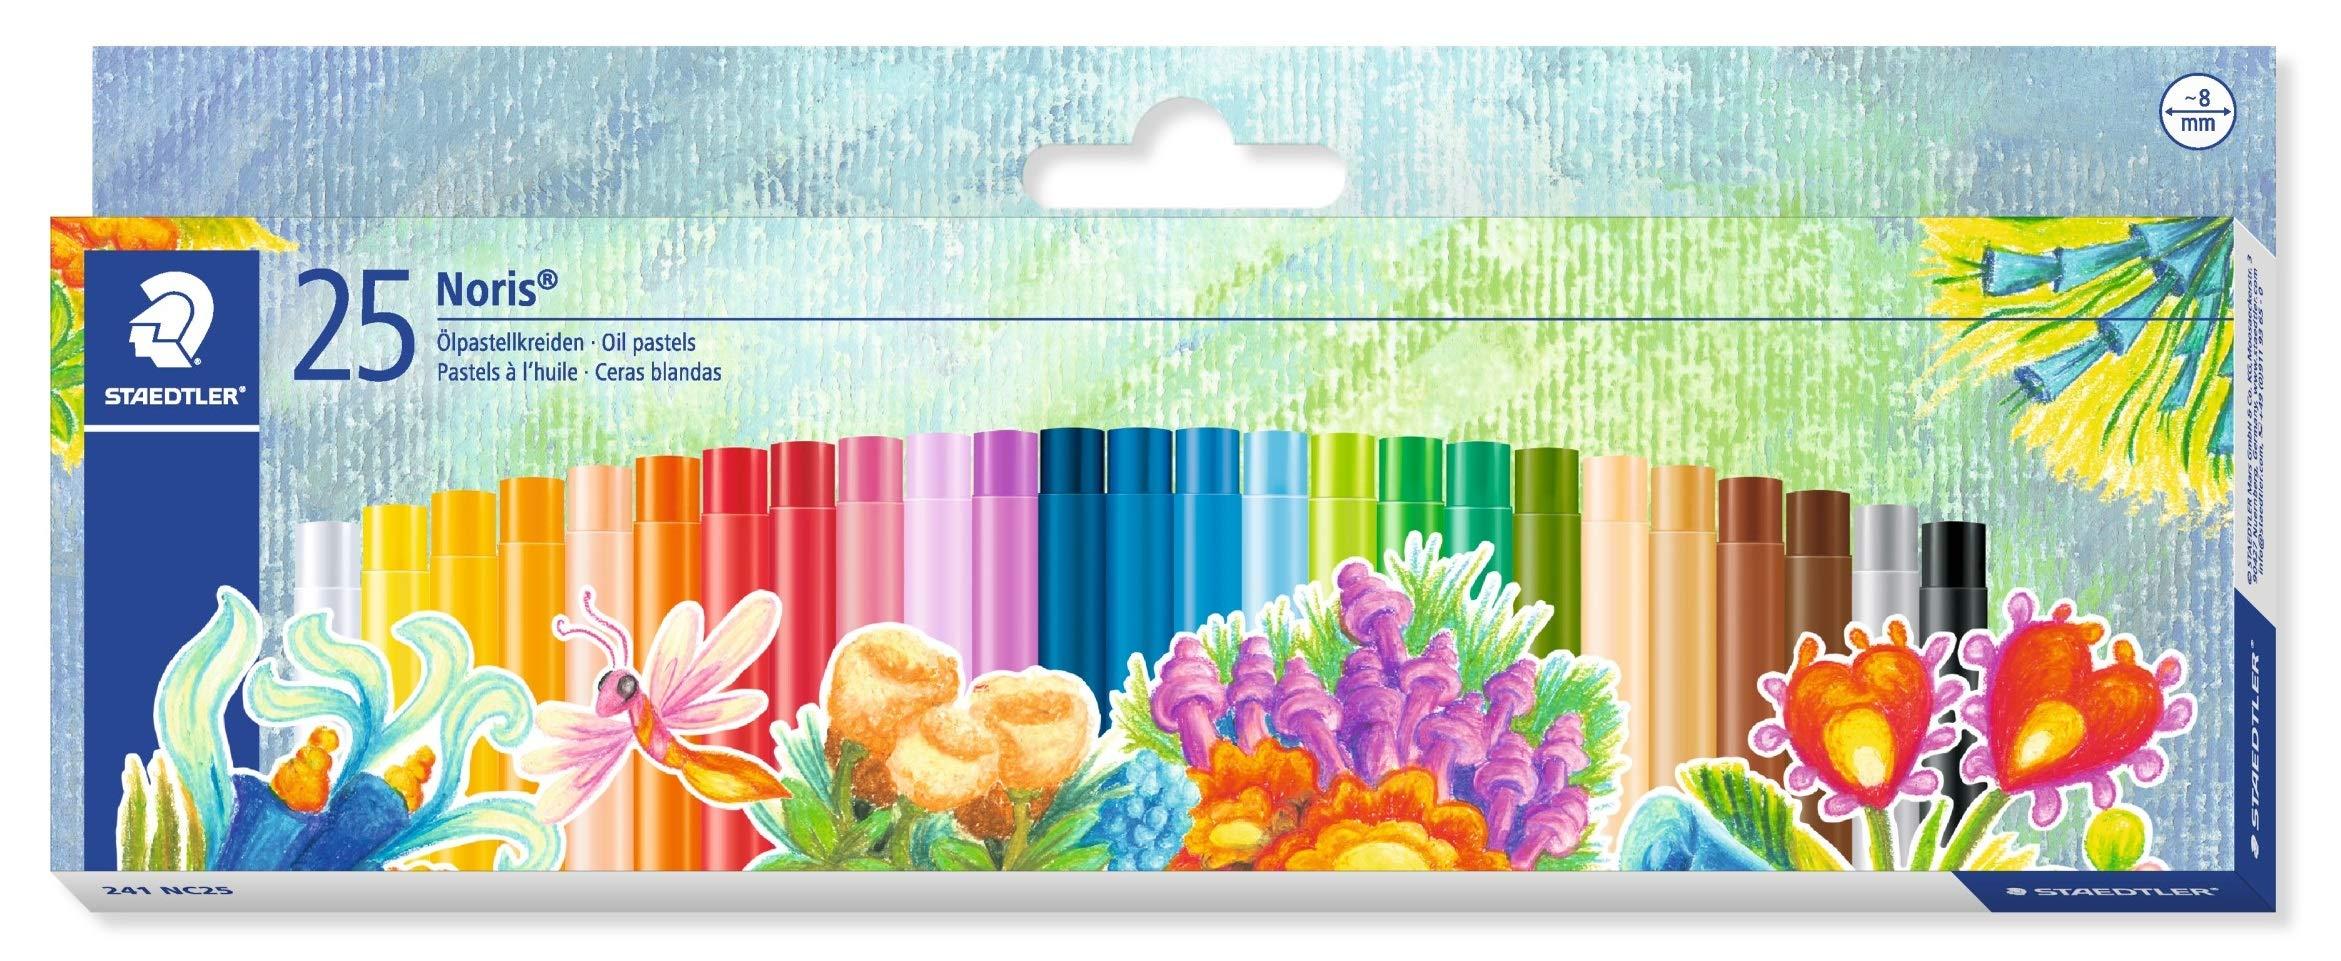 STAEDTLER 241NC25 – Estuche con 25 Ceras, Multicolor